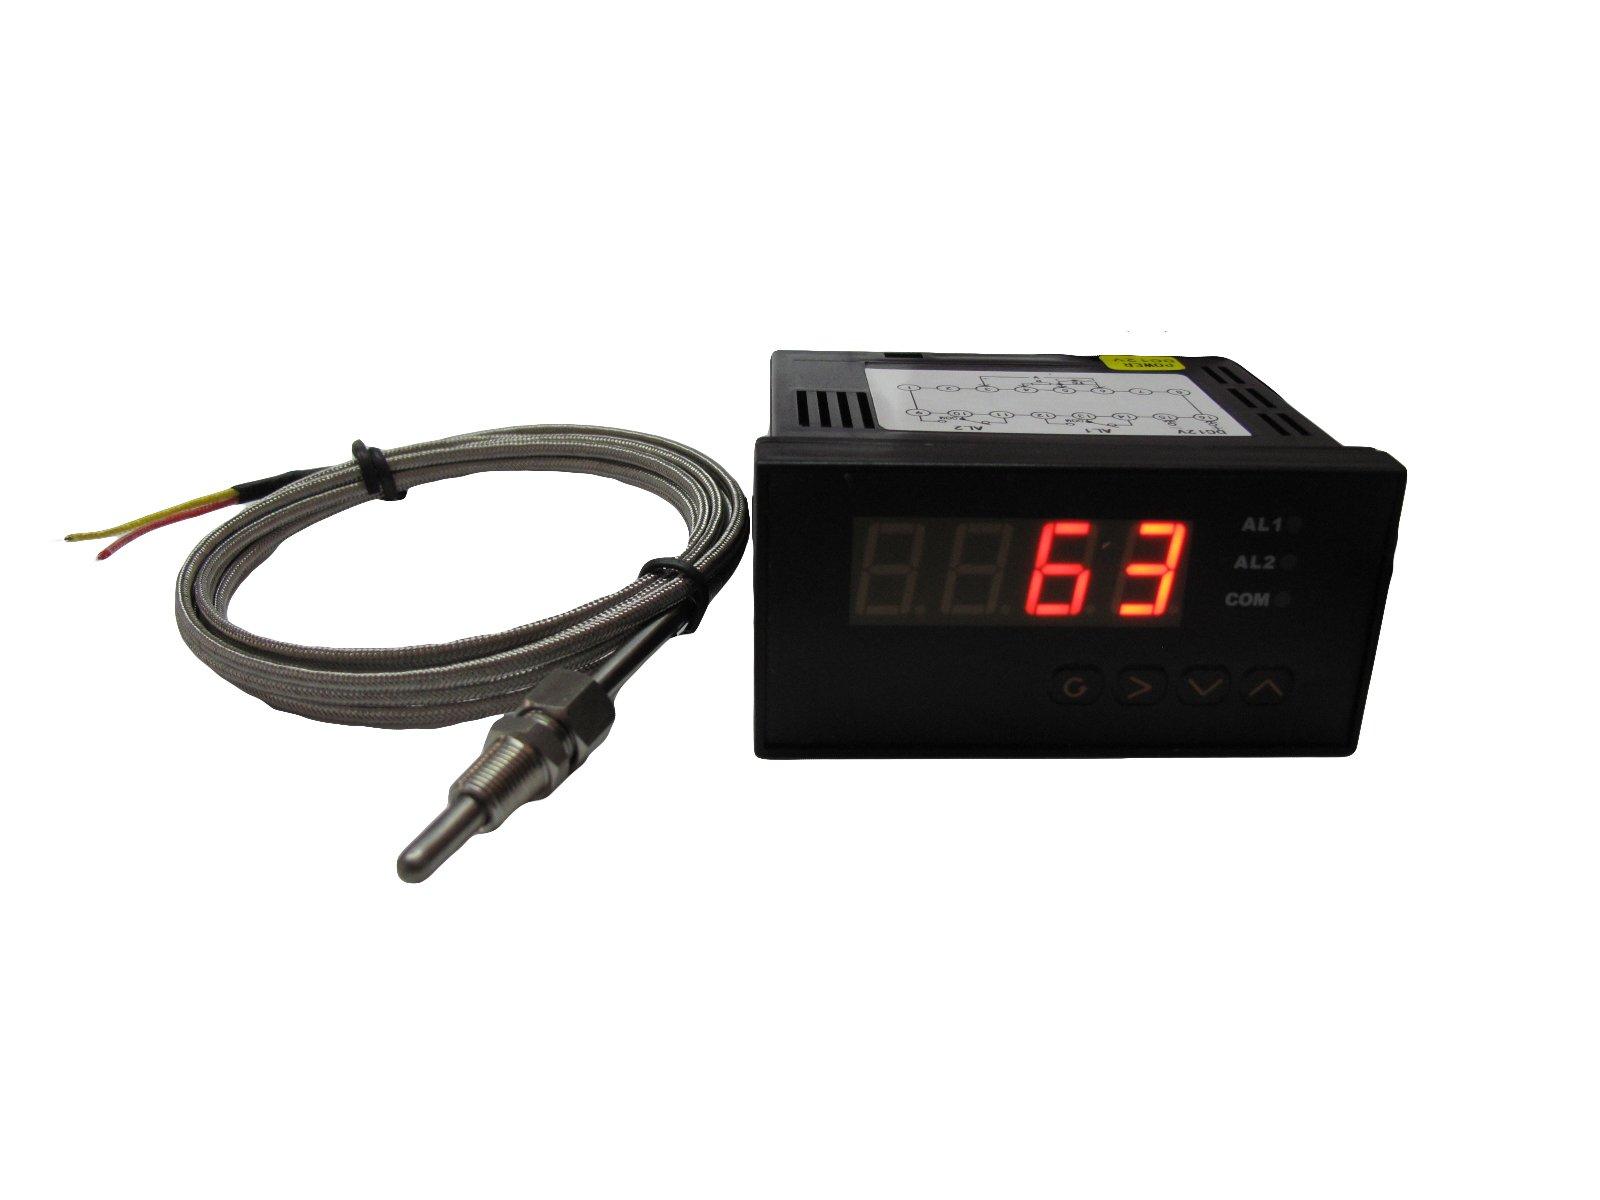 Digital EGT Gauge with 2 Alarm Outputs and K Type EGT Sensors Combo Kit (℉ / 12V)